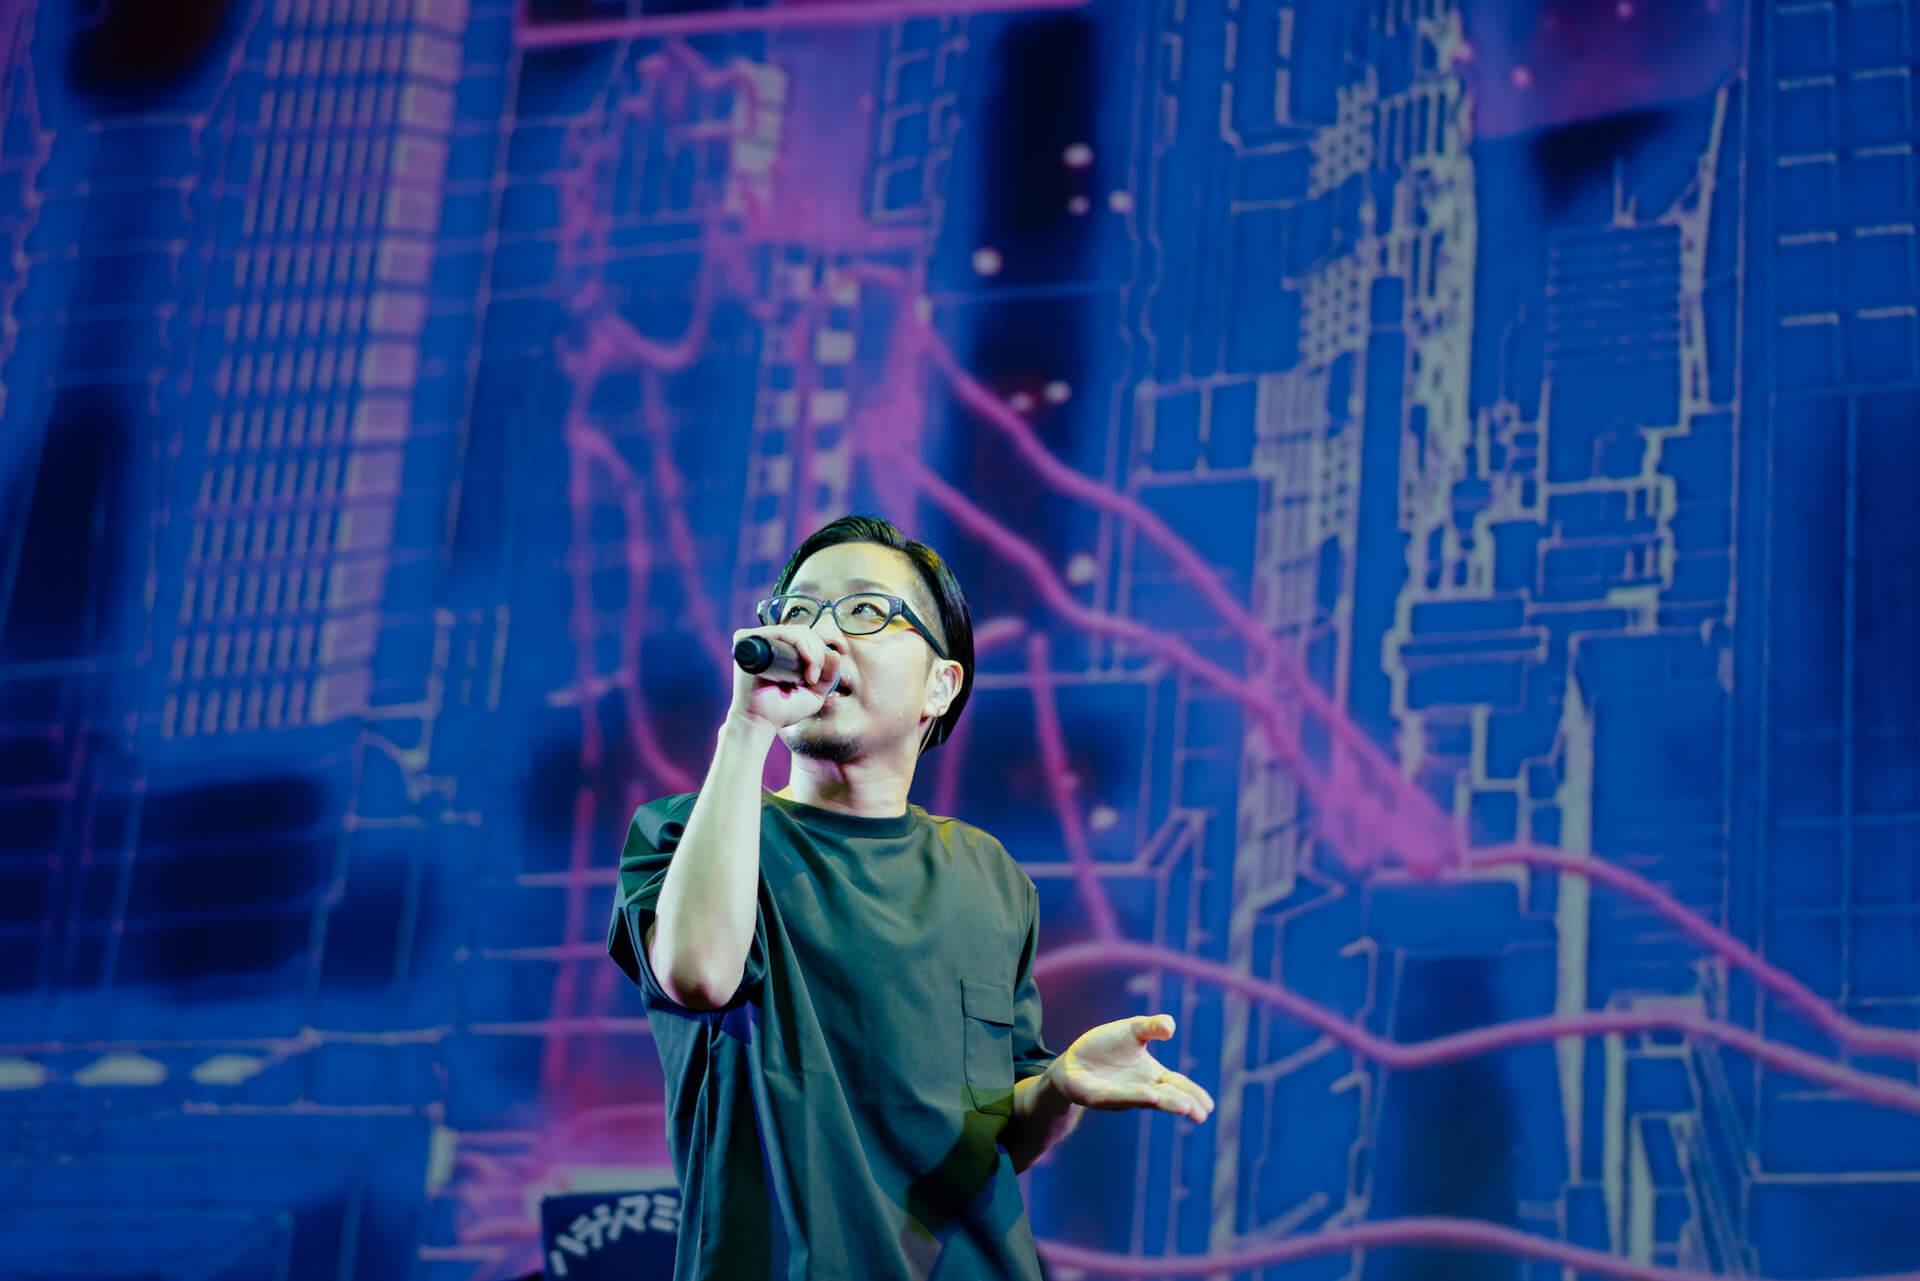 ライブレポート:LIVEWIRE PUNPEE<Sofa Kingdomcome>|映画作品のような夢見心地の時間 music200915_punpee_6